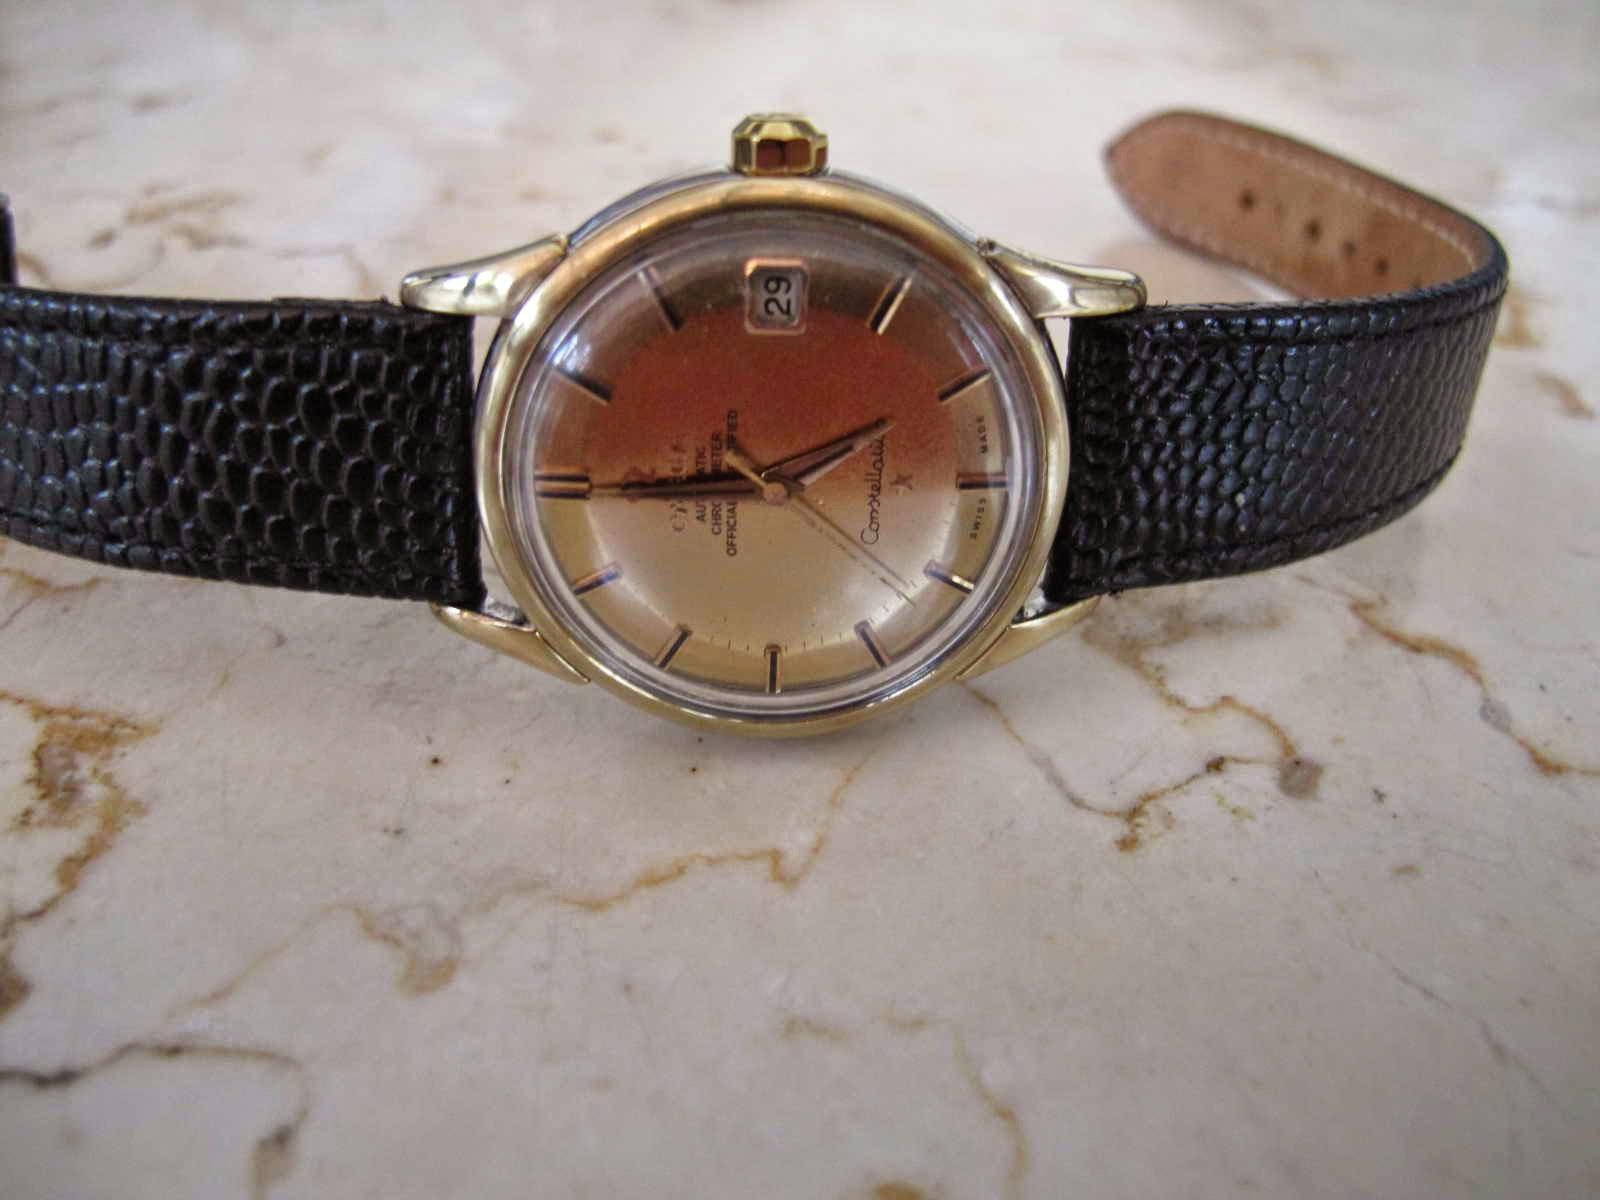 Maximuswatches Jual Beli Jam Tangan Second Baru Original Koleksi Audemars Piguet Safari Steel 42mm Saturday June 14 2014